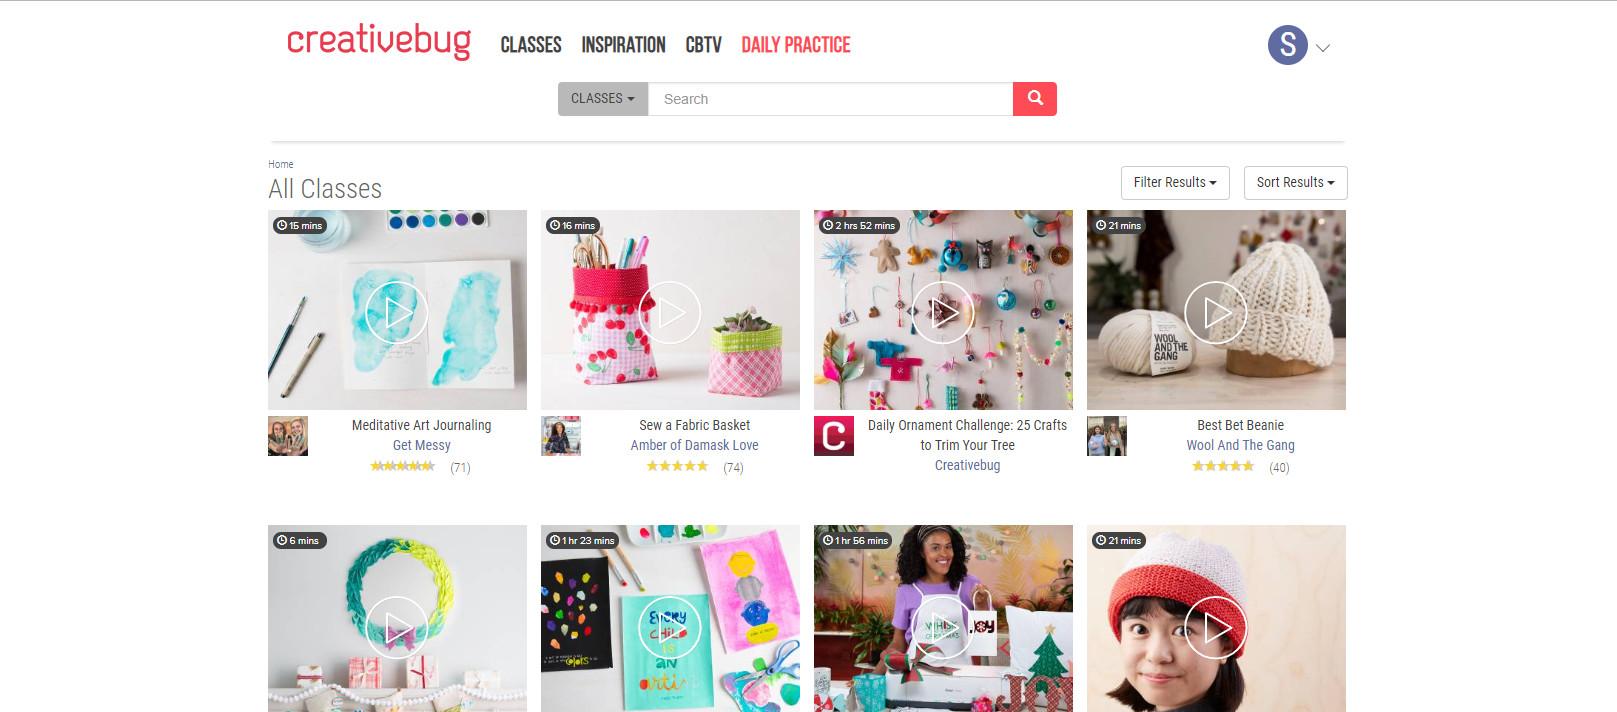 CreativeBug Landing Page